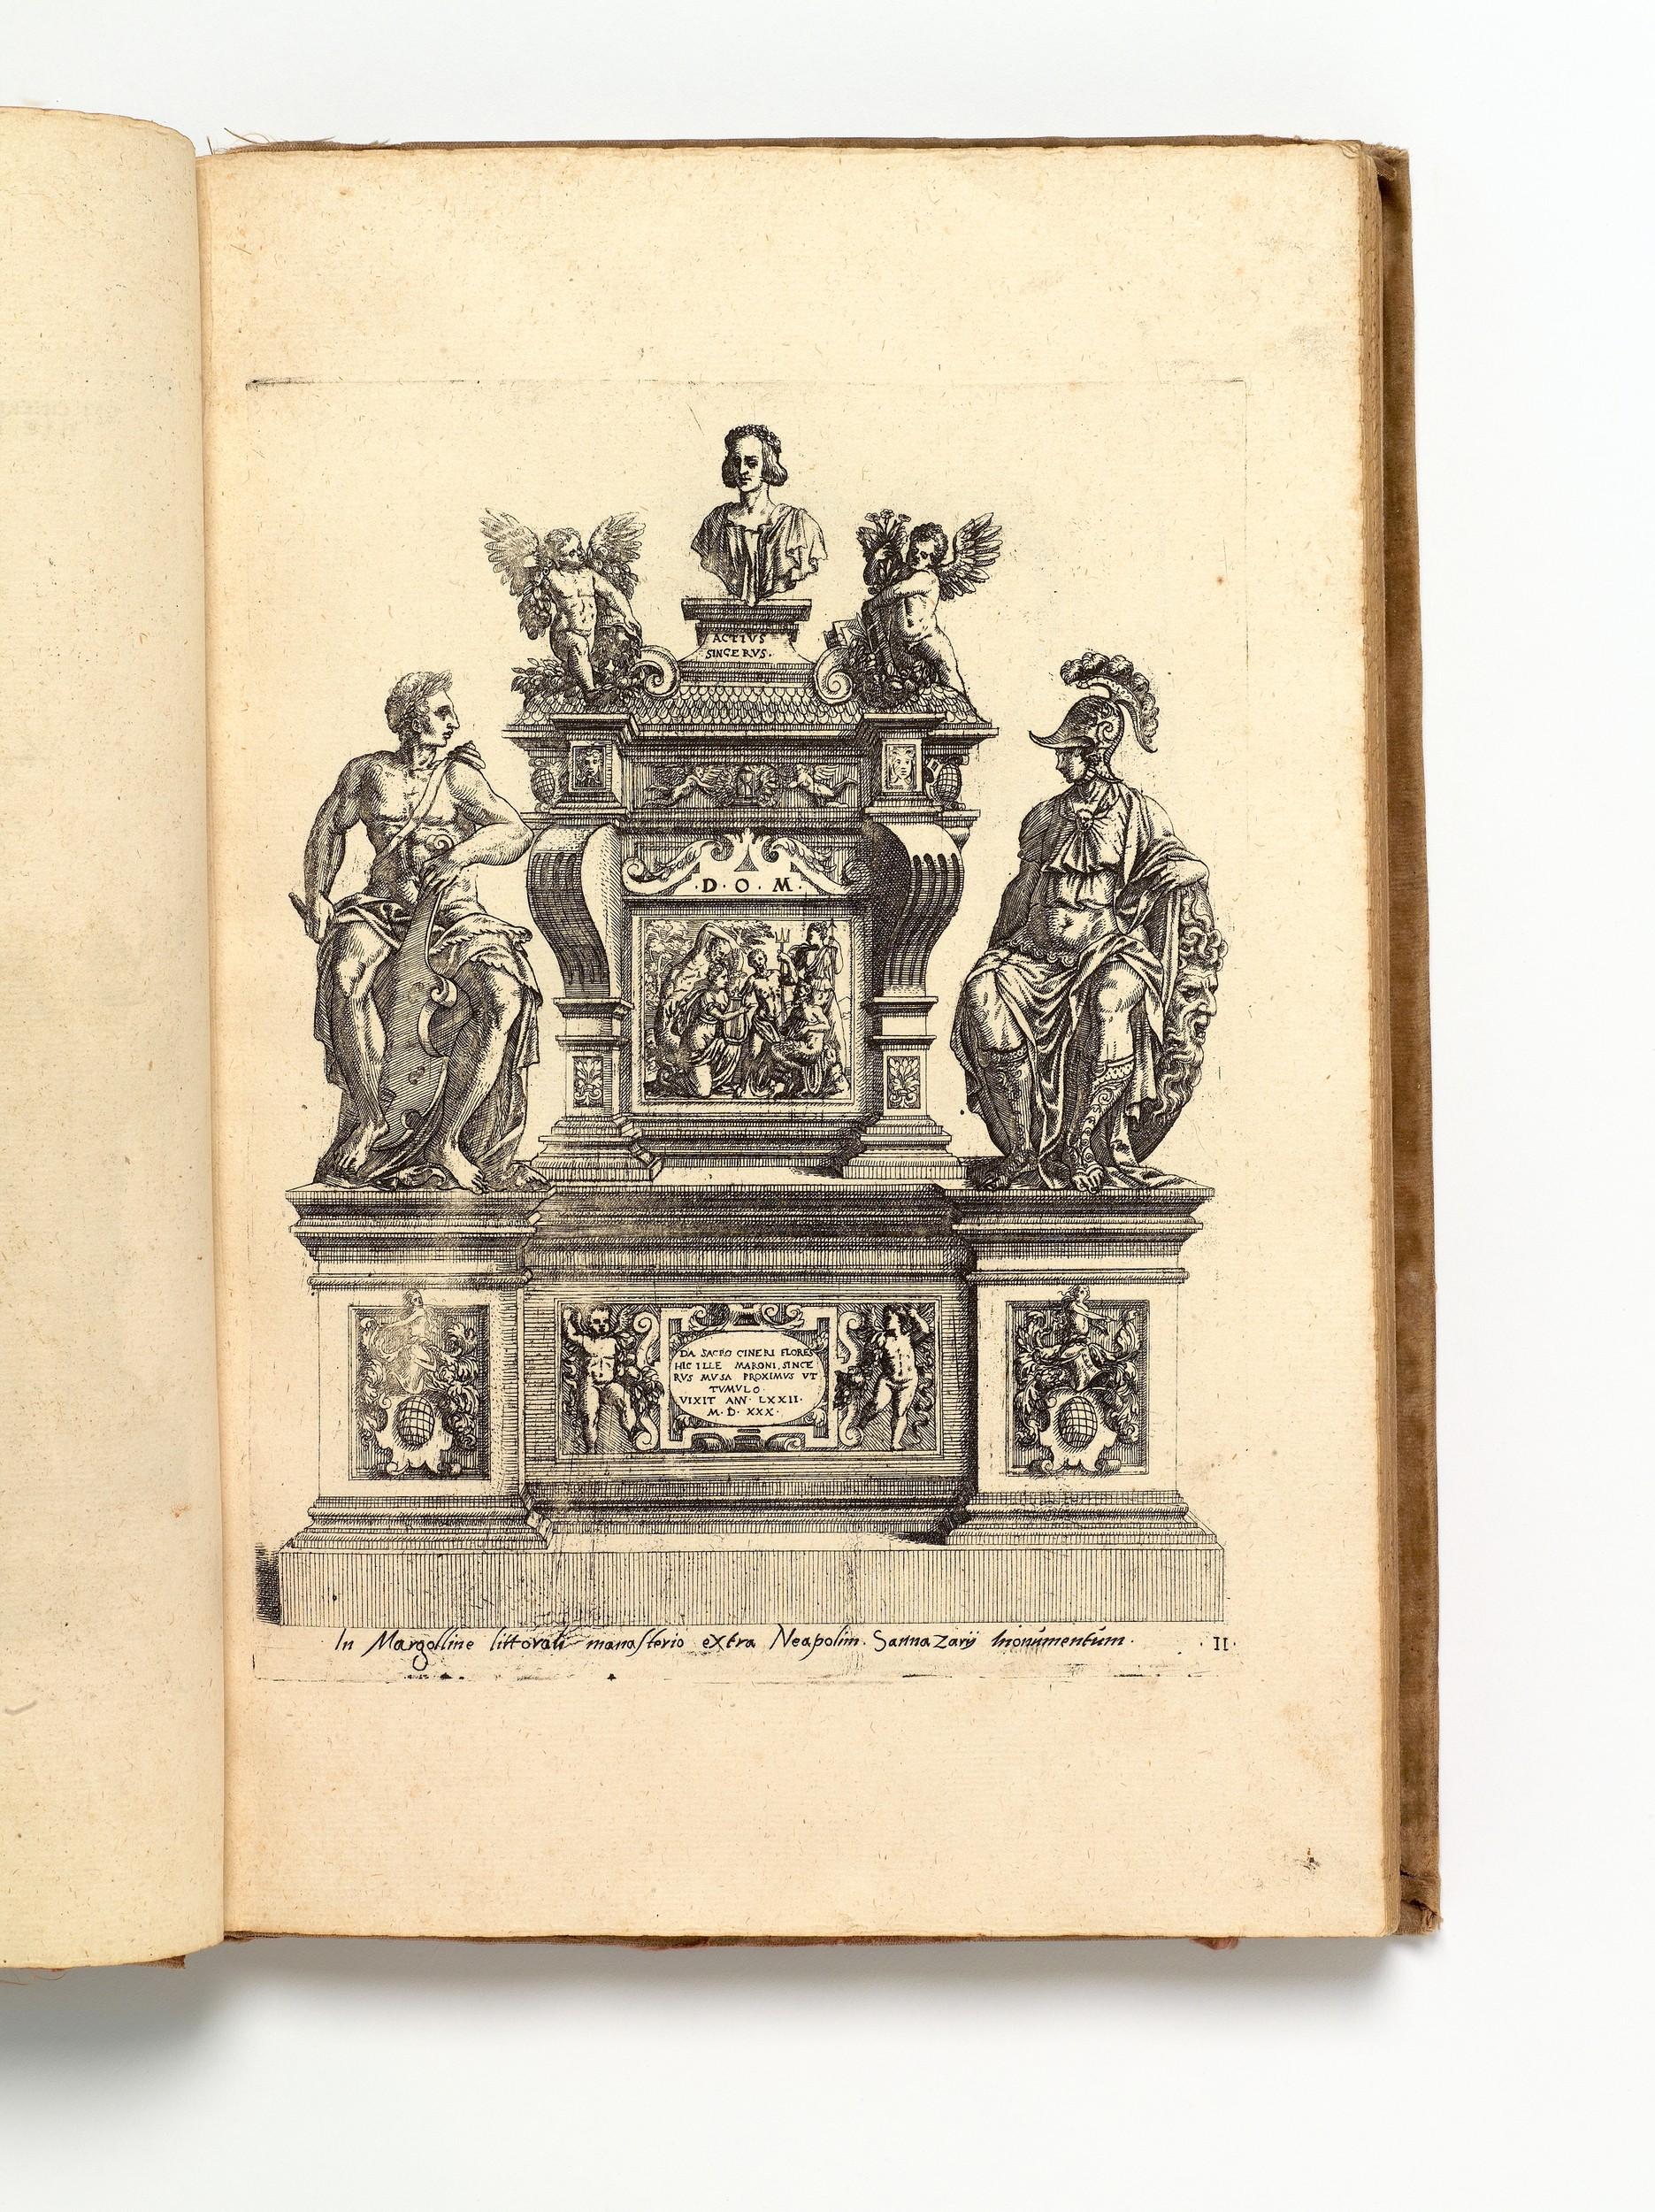 Fendt Tobias C 1520 1530 1576 Monumenta Sepulcrorum